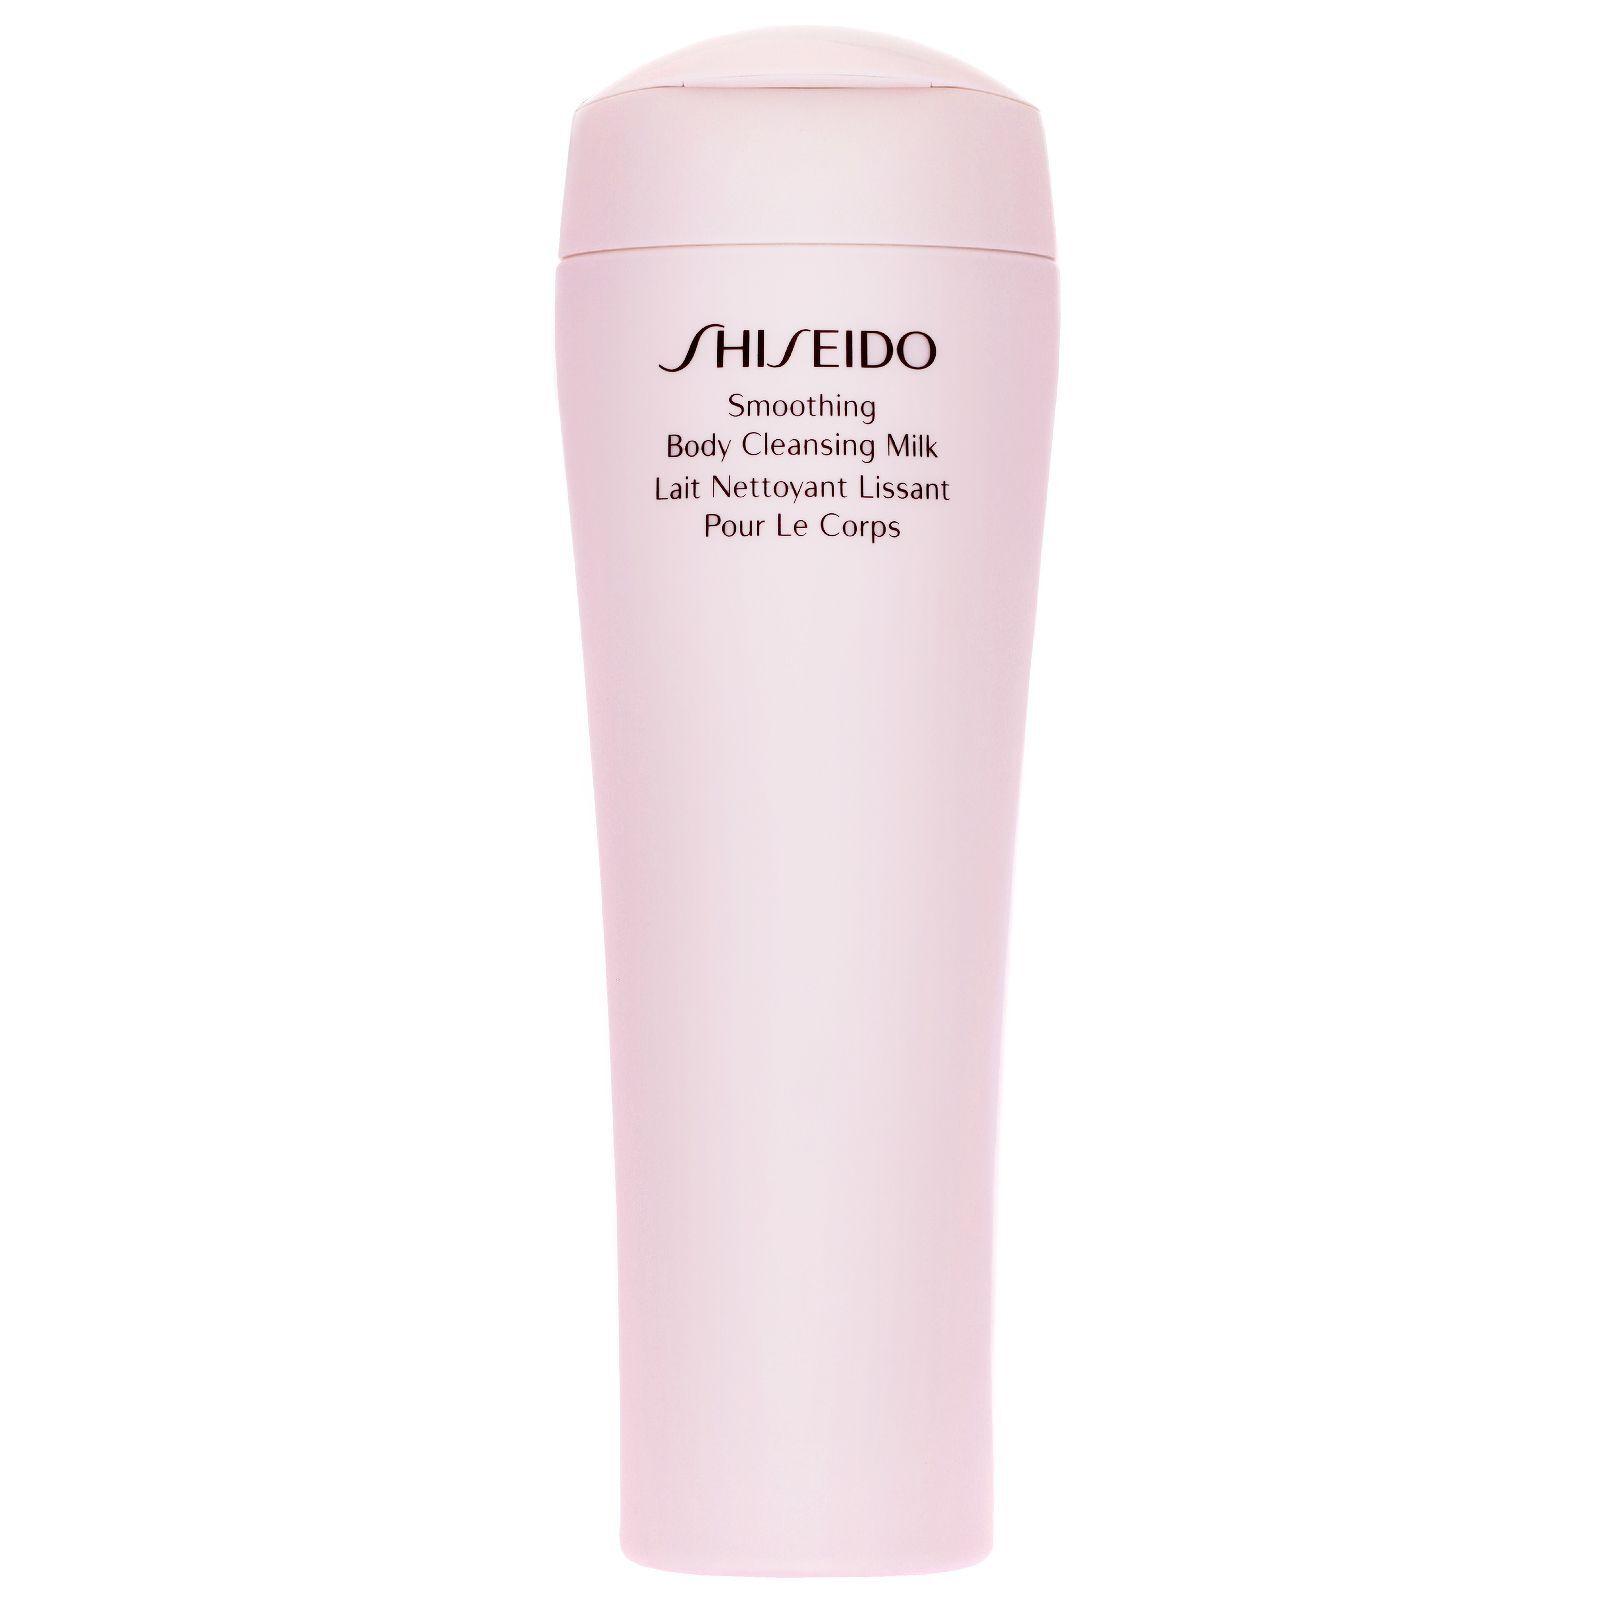 Shiseido Body Latte detergente per il corpo levigante 200ml / 6.7 fl.oz.